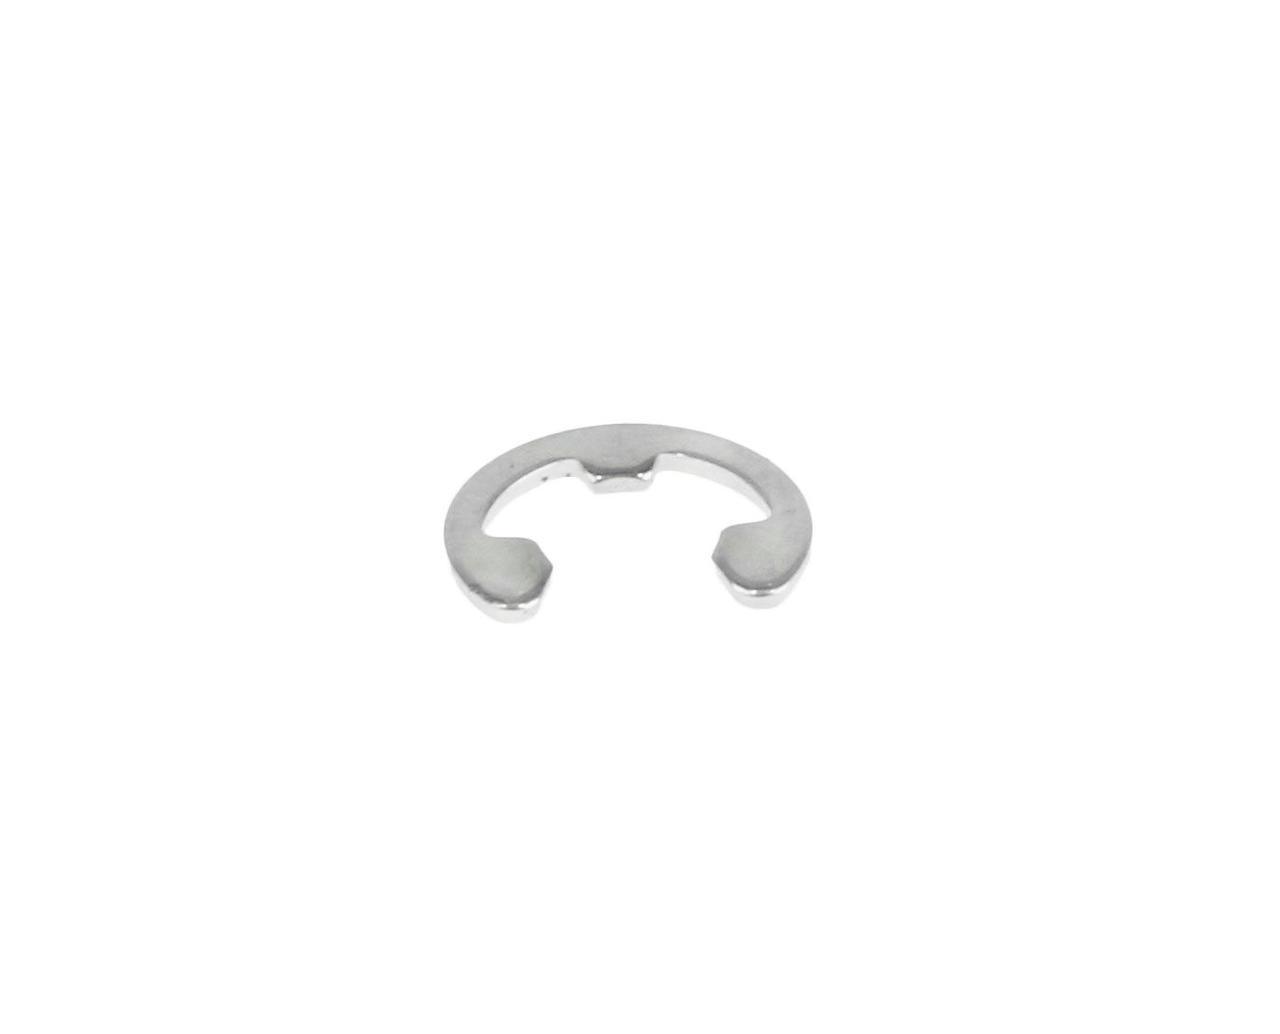 Кольцо стопорное 10x16x2.2, Suzuki